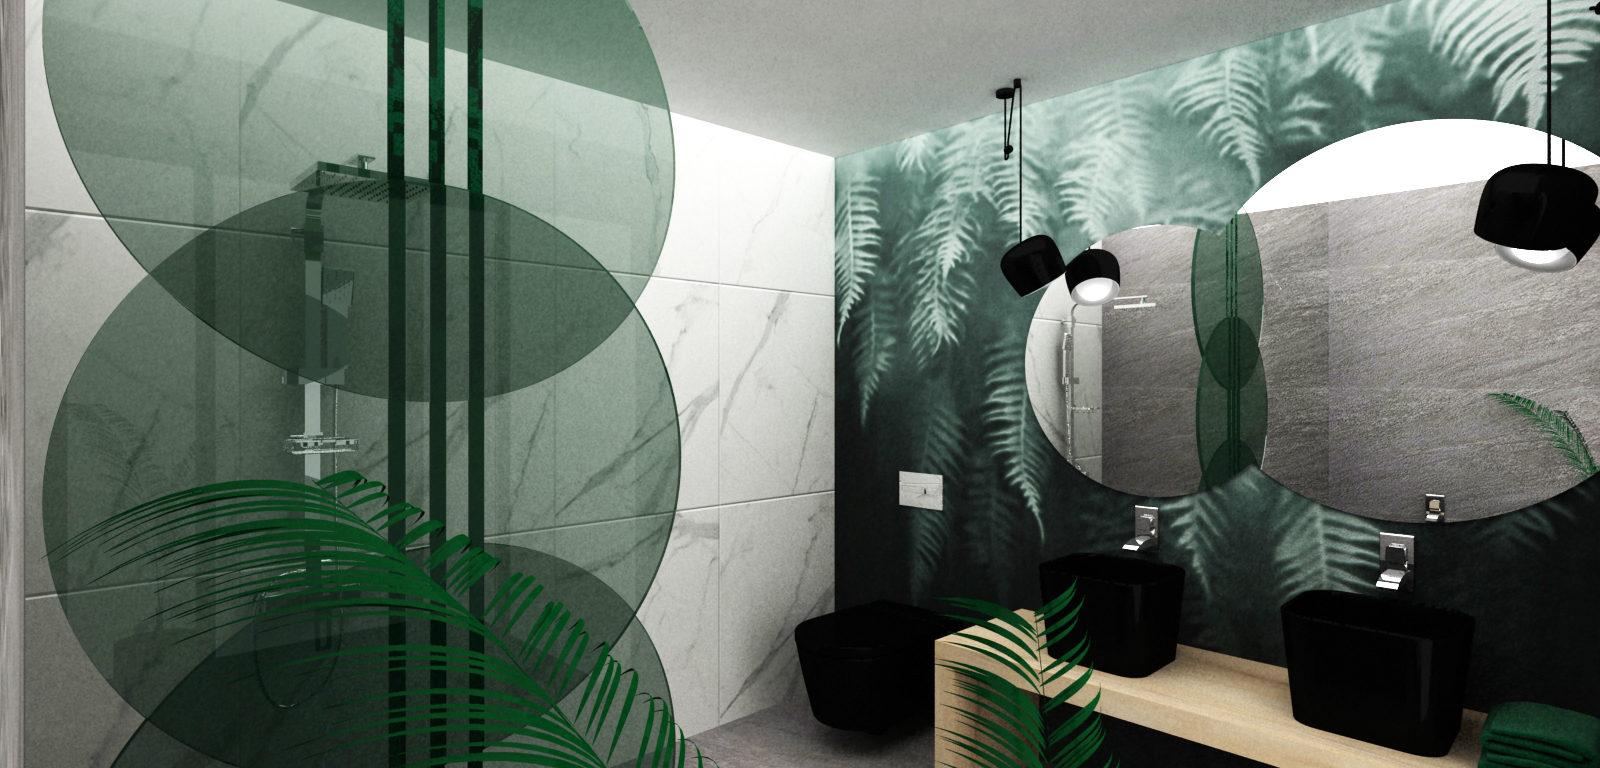 Tapeta w łazience z motywem liści